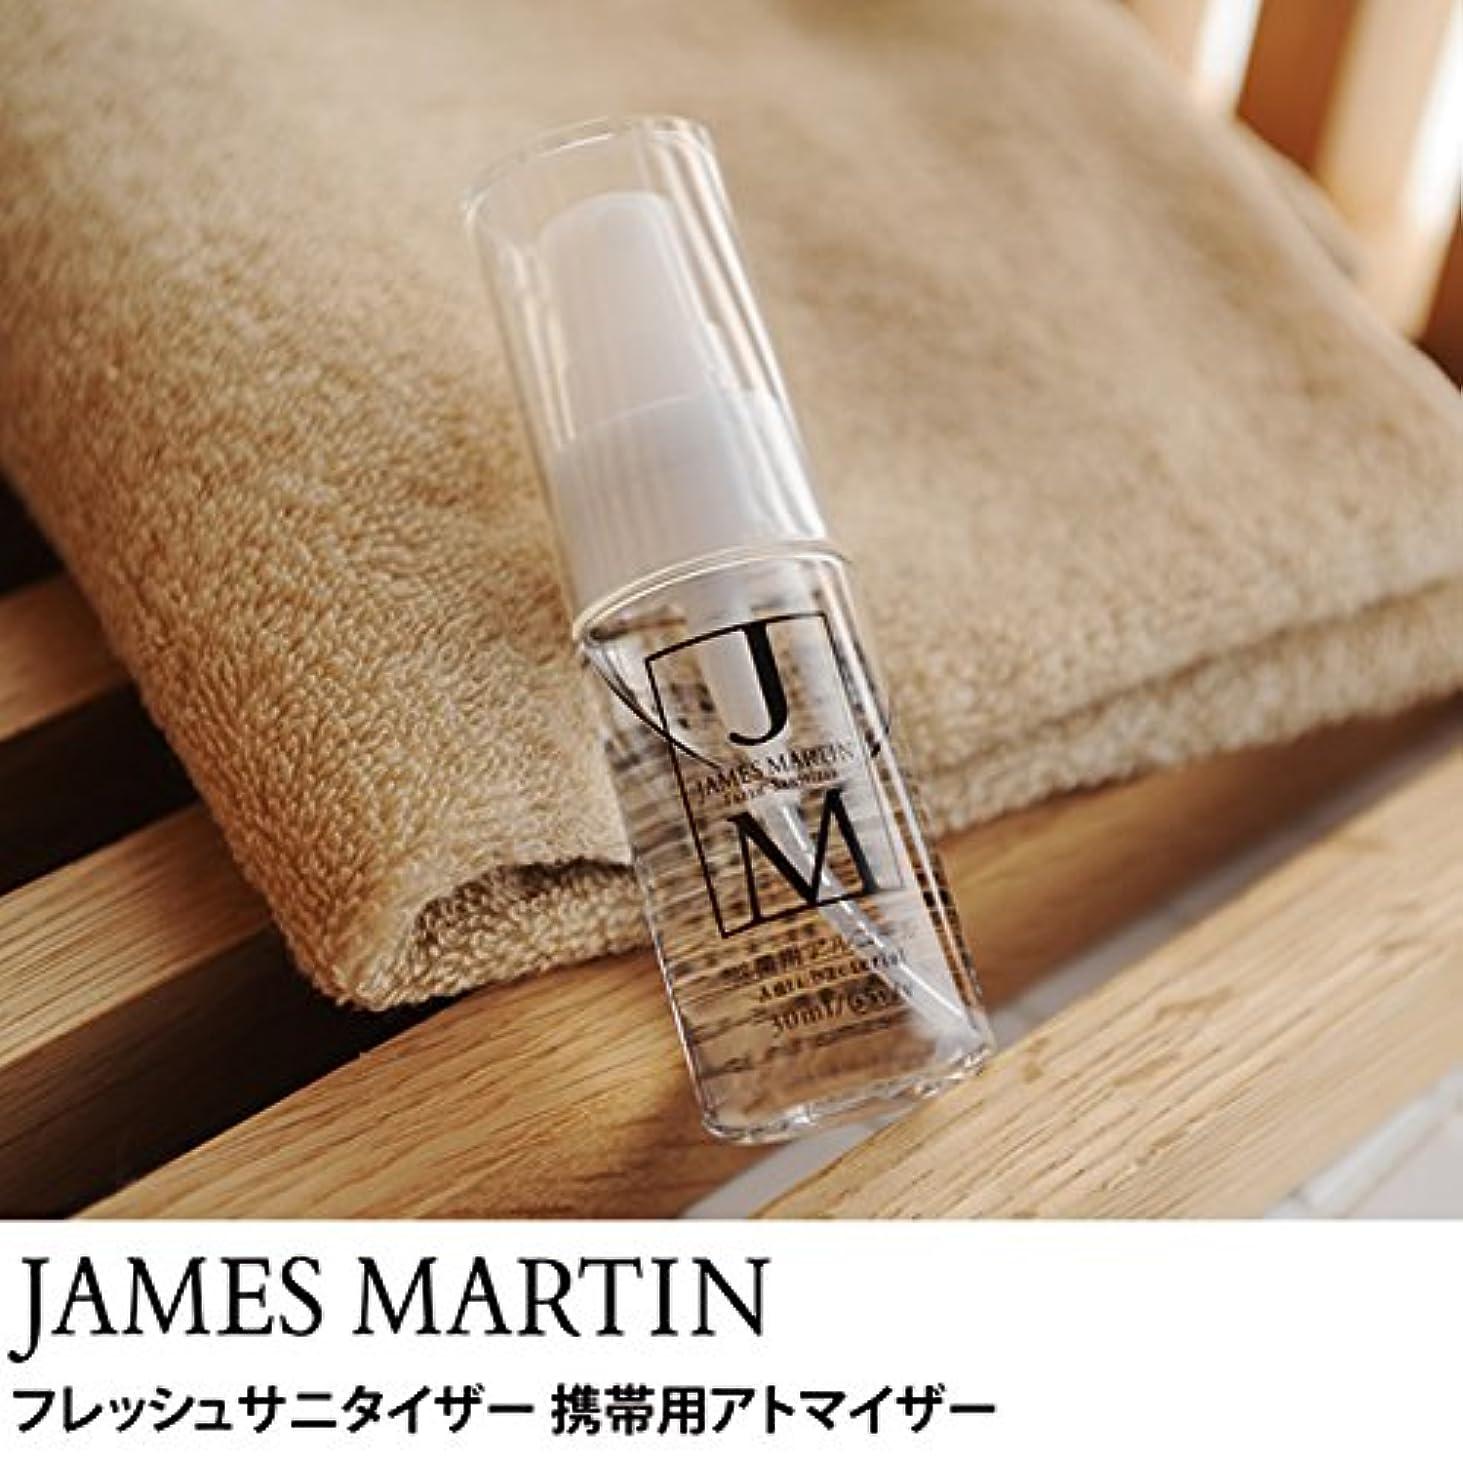 予想する速度心理的ジェームズマーティンフレッシュサニタイザー30ML携帯用アトマイザー